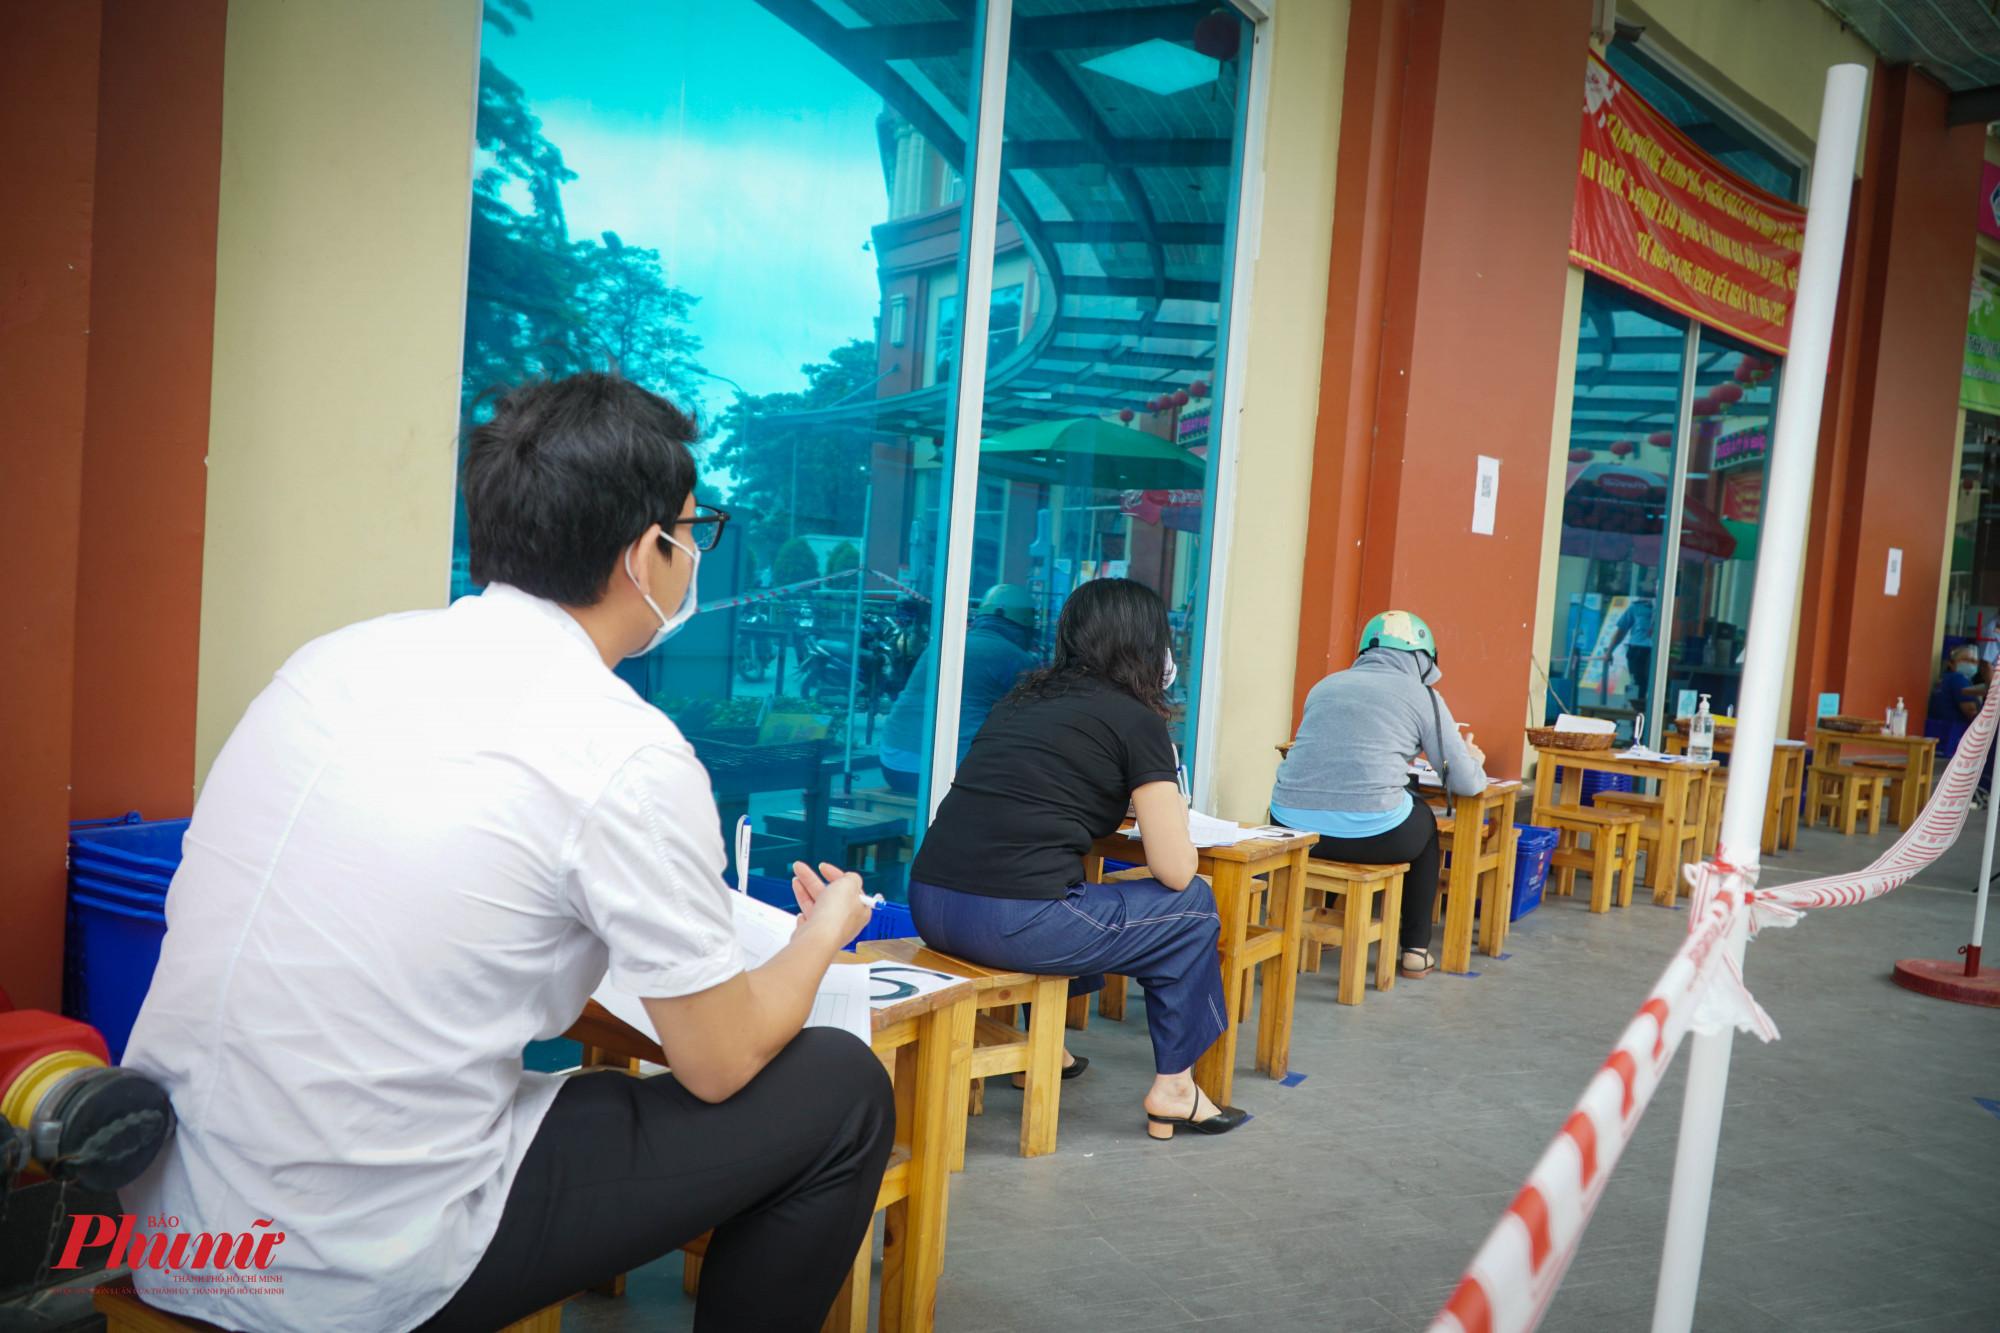 Ý thức được sự lây lan dịch bệnh khi tập trung đông người, người dân đến mua sắm cũng rất trật tự, ngồi đúng nơi quy định